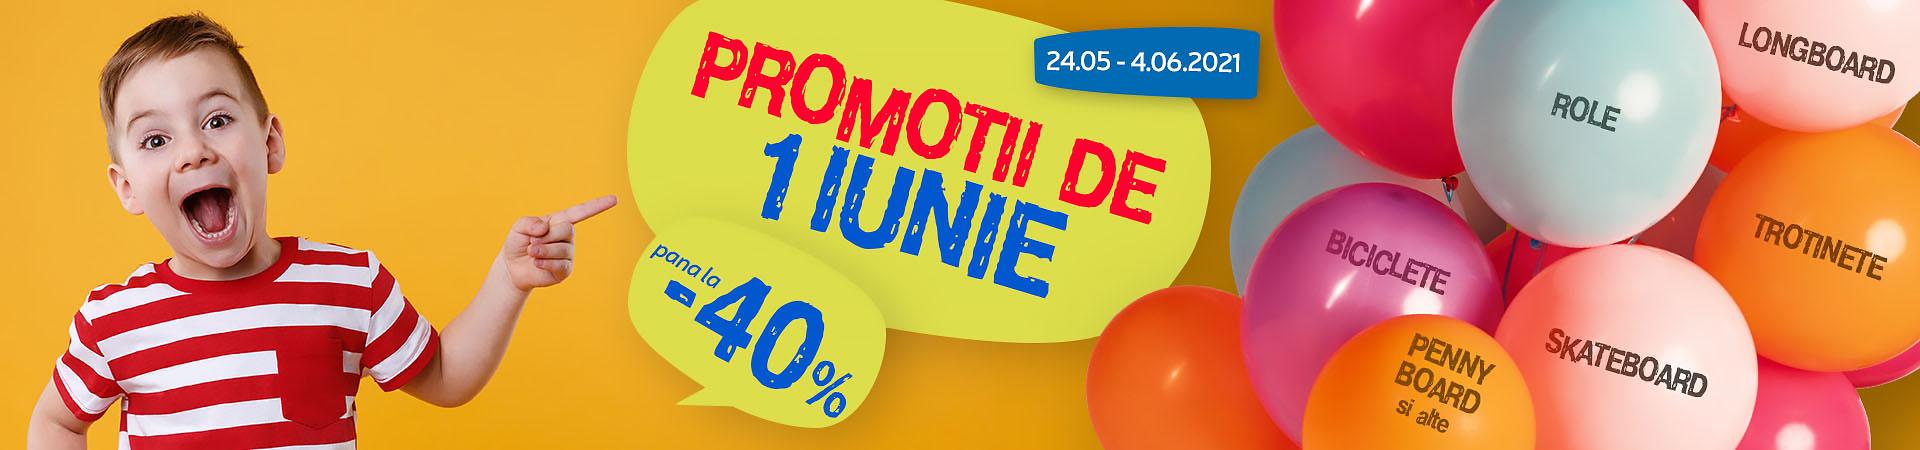 Promotii de 1 iunie